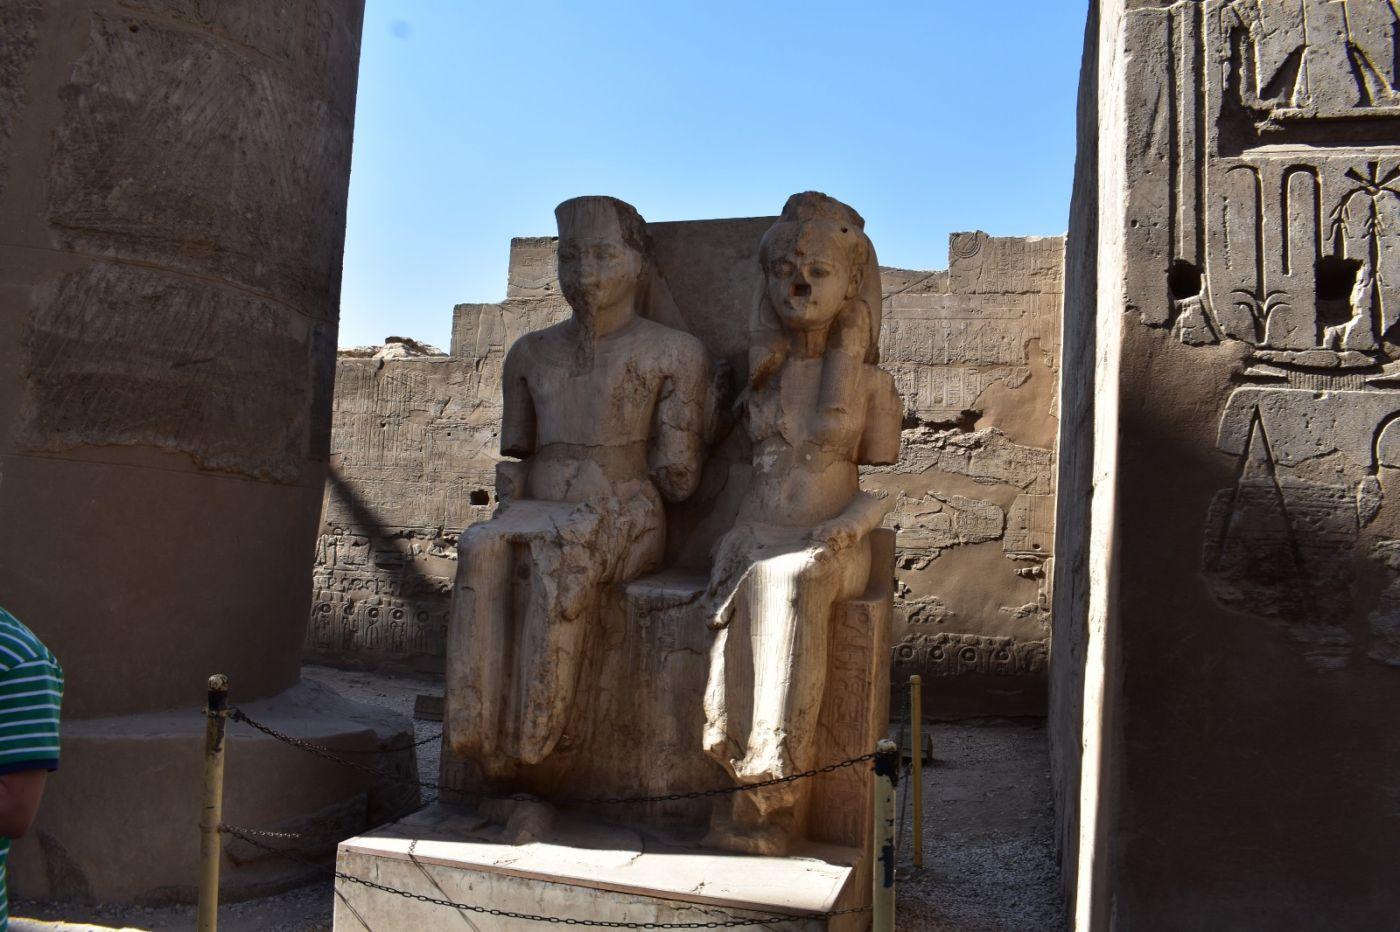 埃德富神庙和卢克索神庙_图1-32